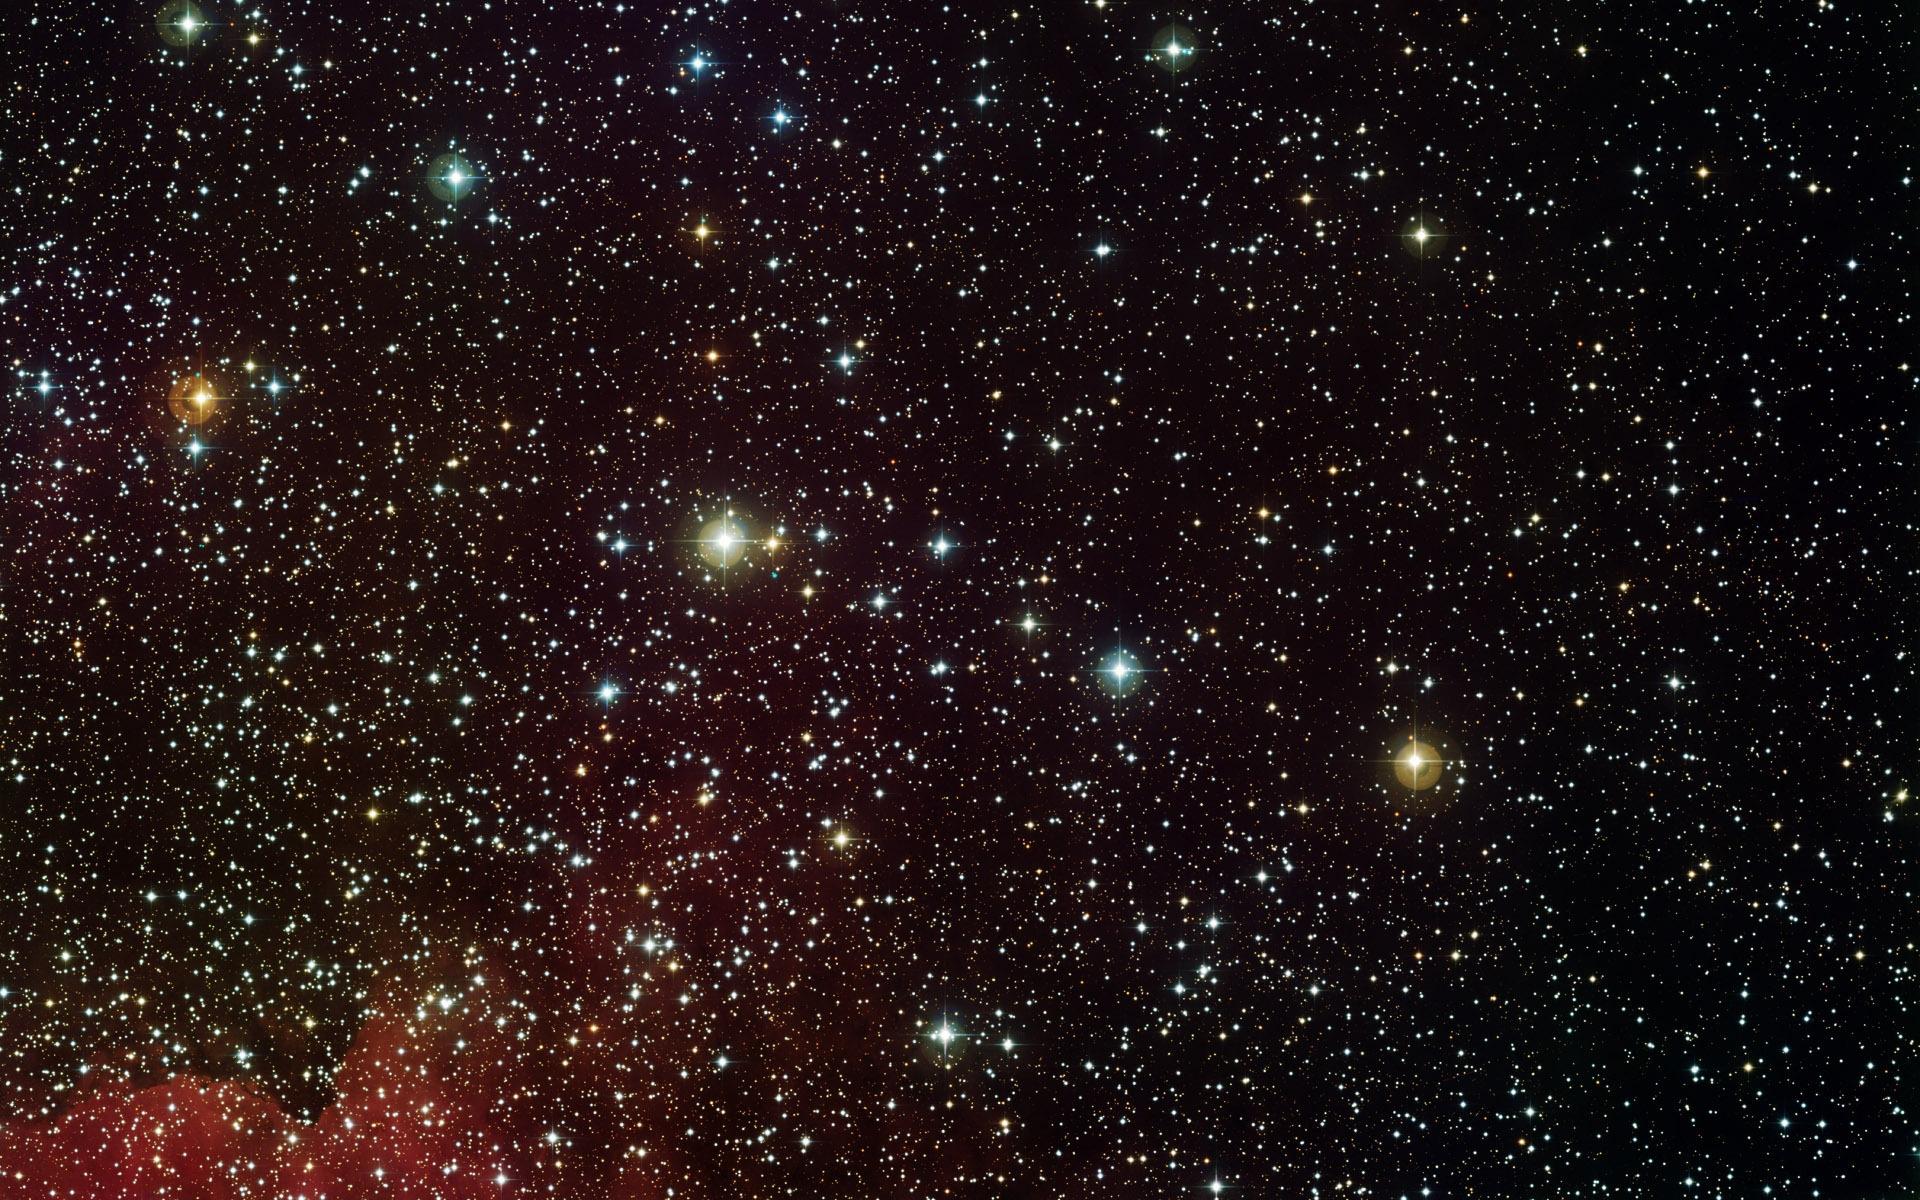 Скачать картинку Пейзаж, Космос, Звезды в телефон бесплатно.